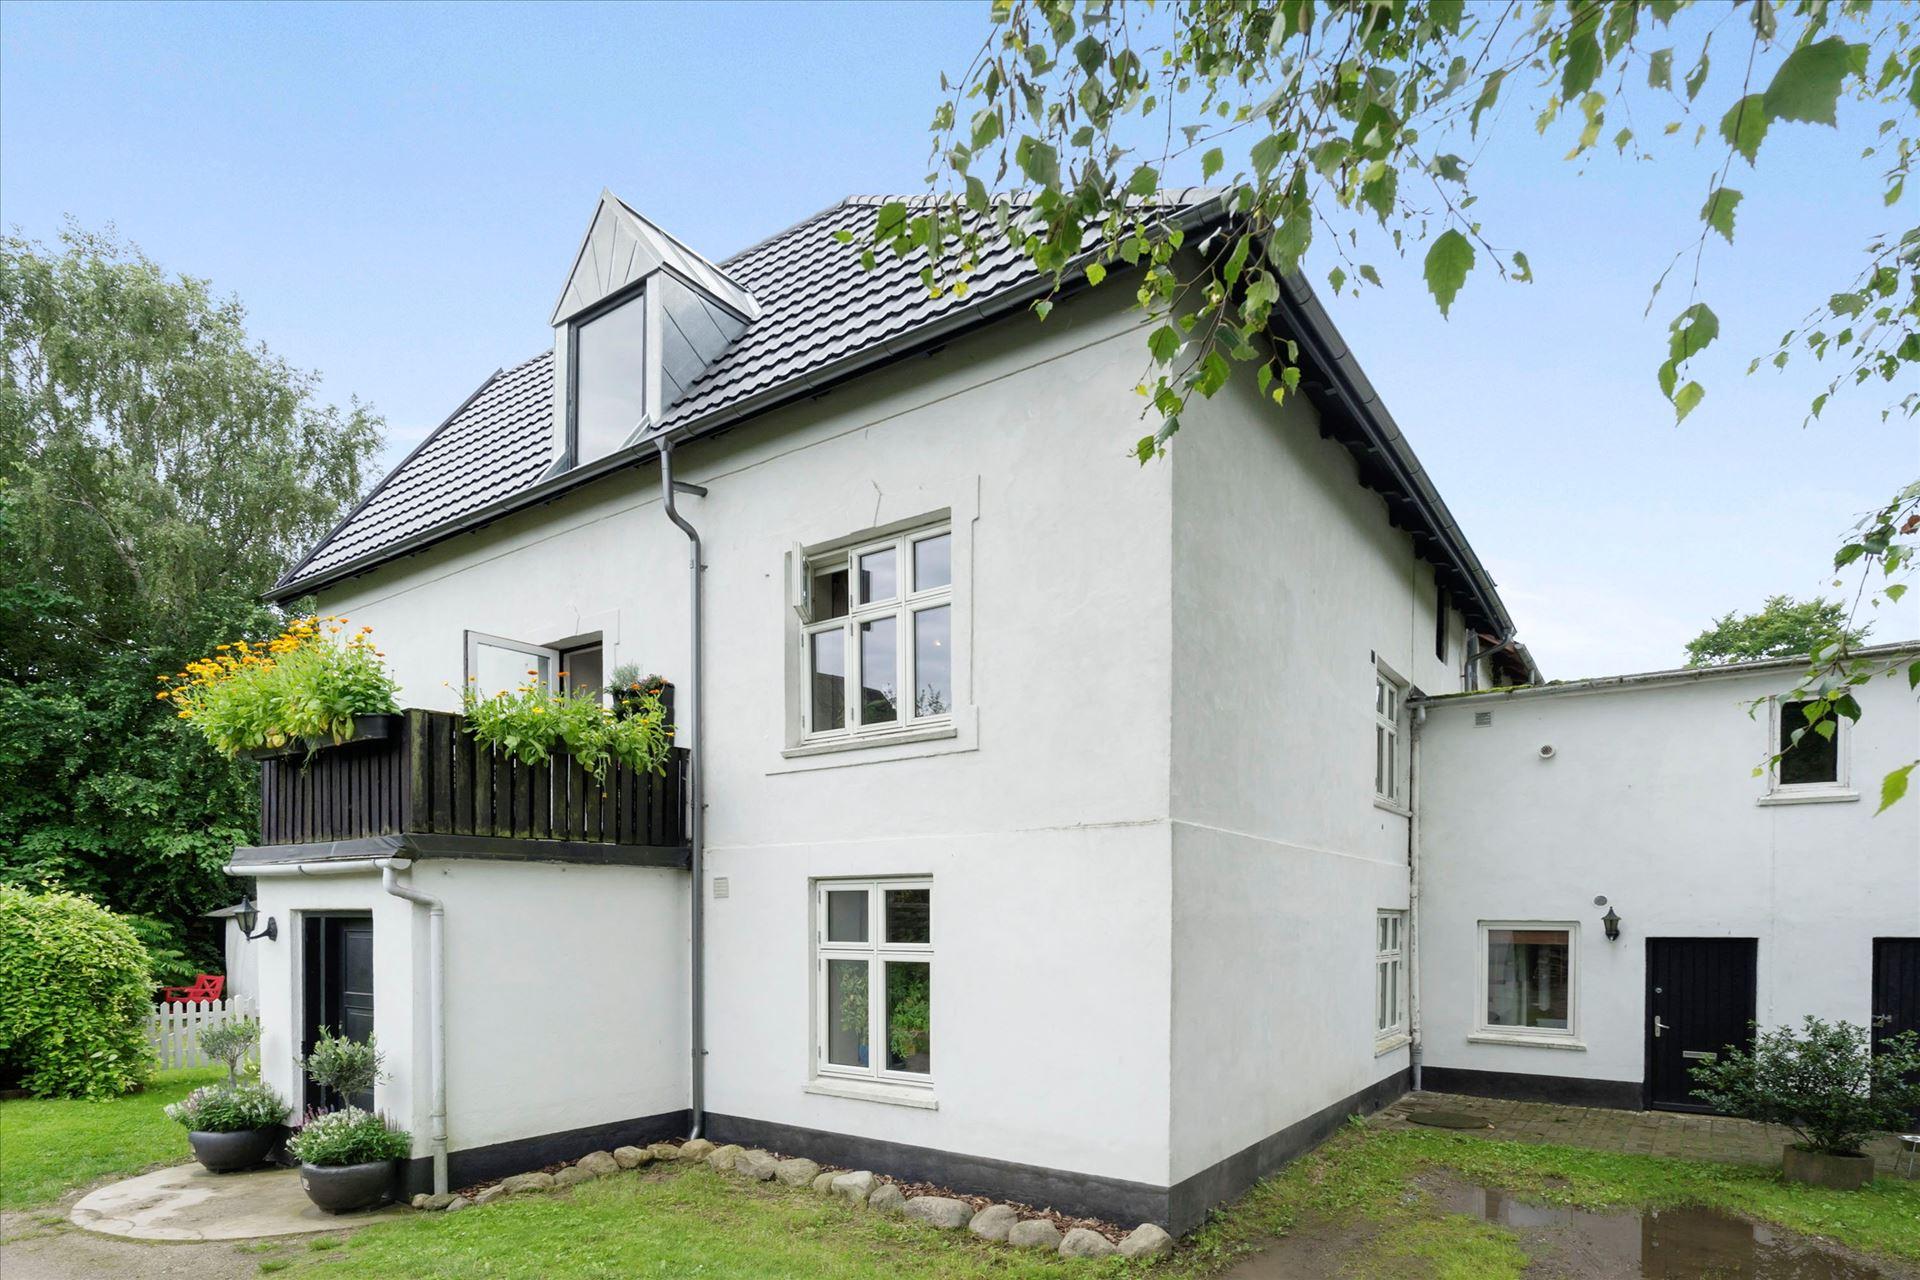 privat salg af bolig